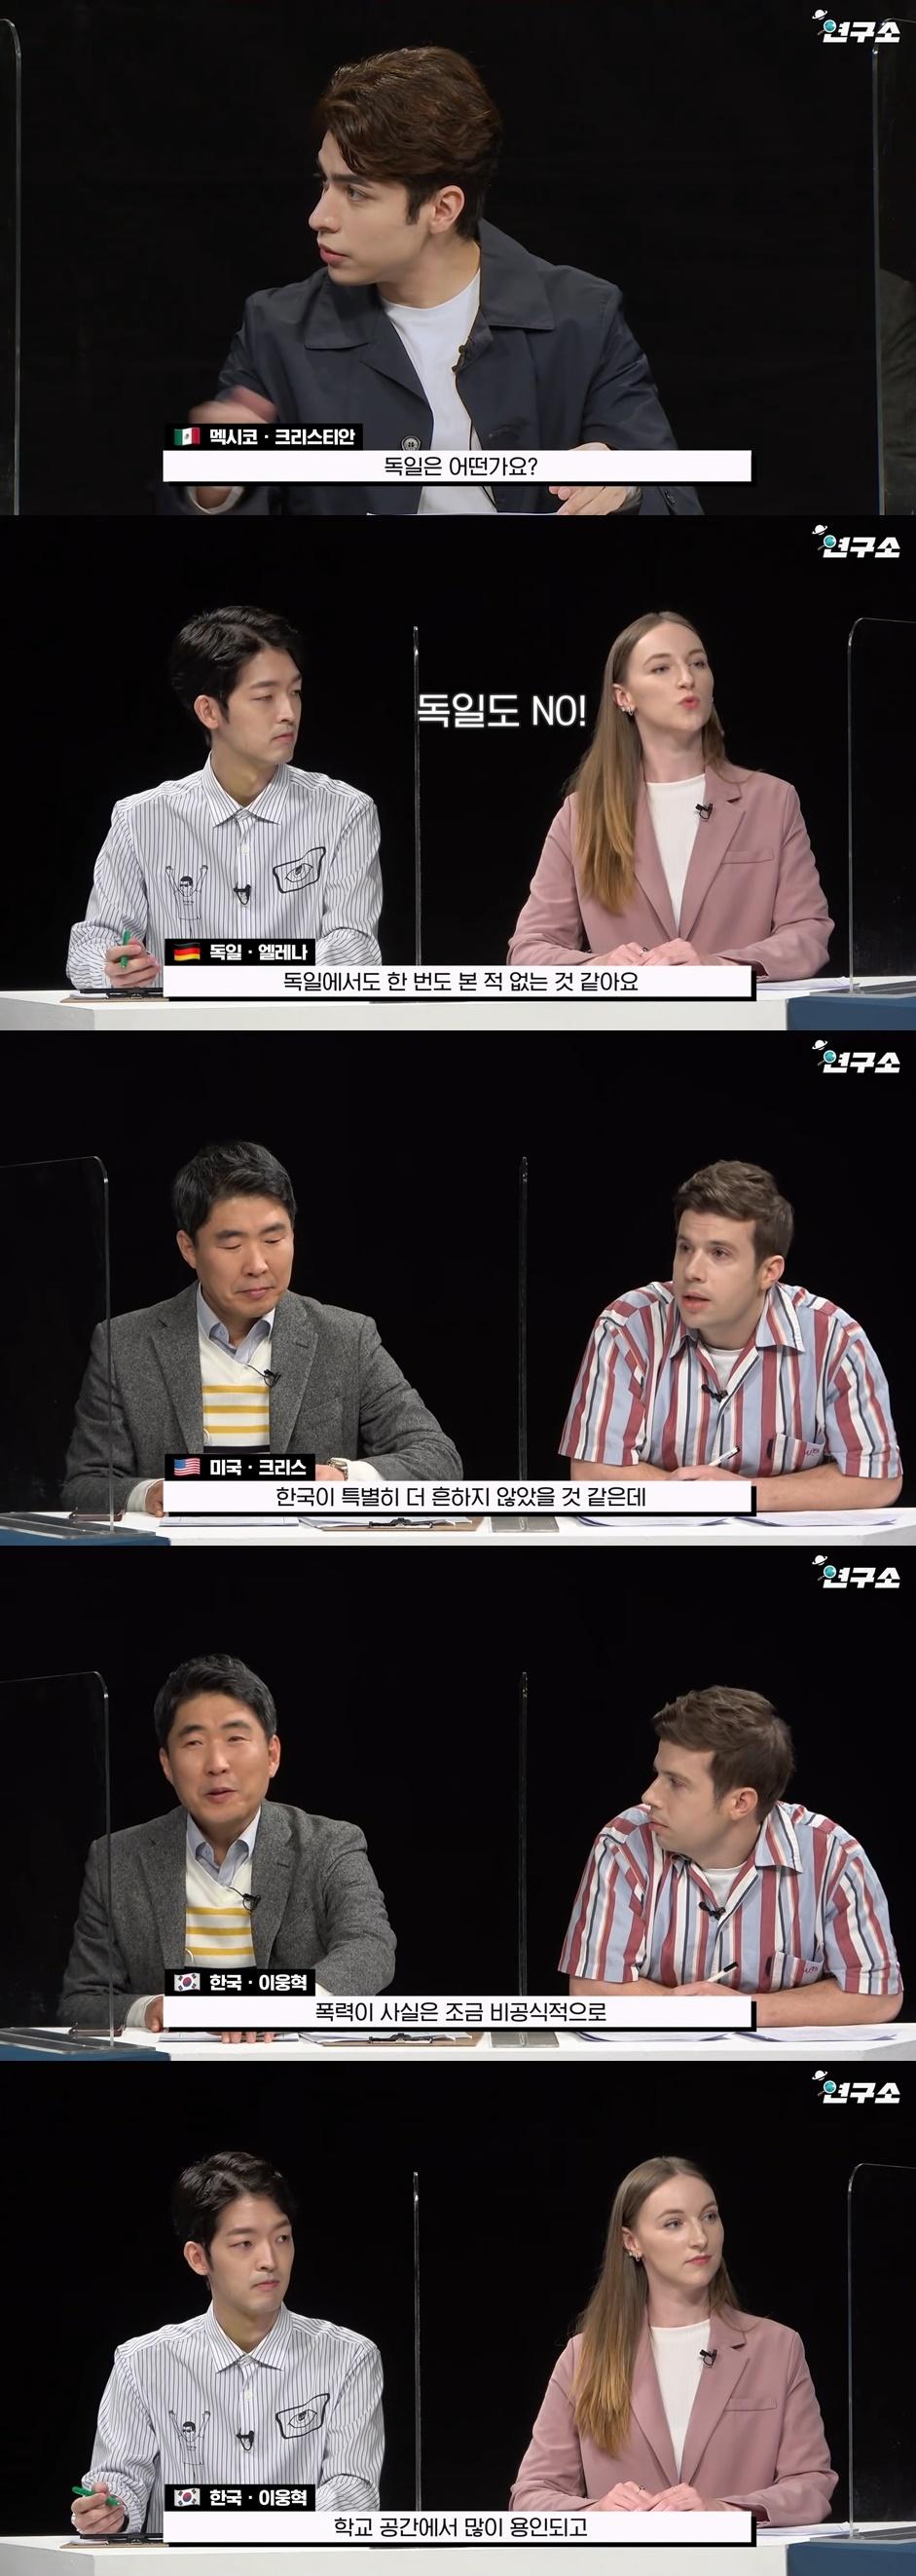 외국인들이 이해 못하는 한국만의 현상